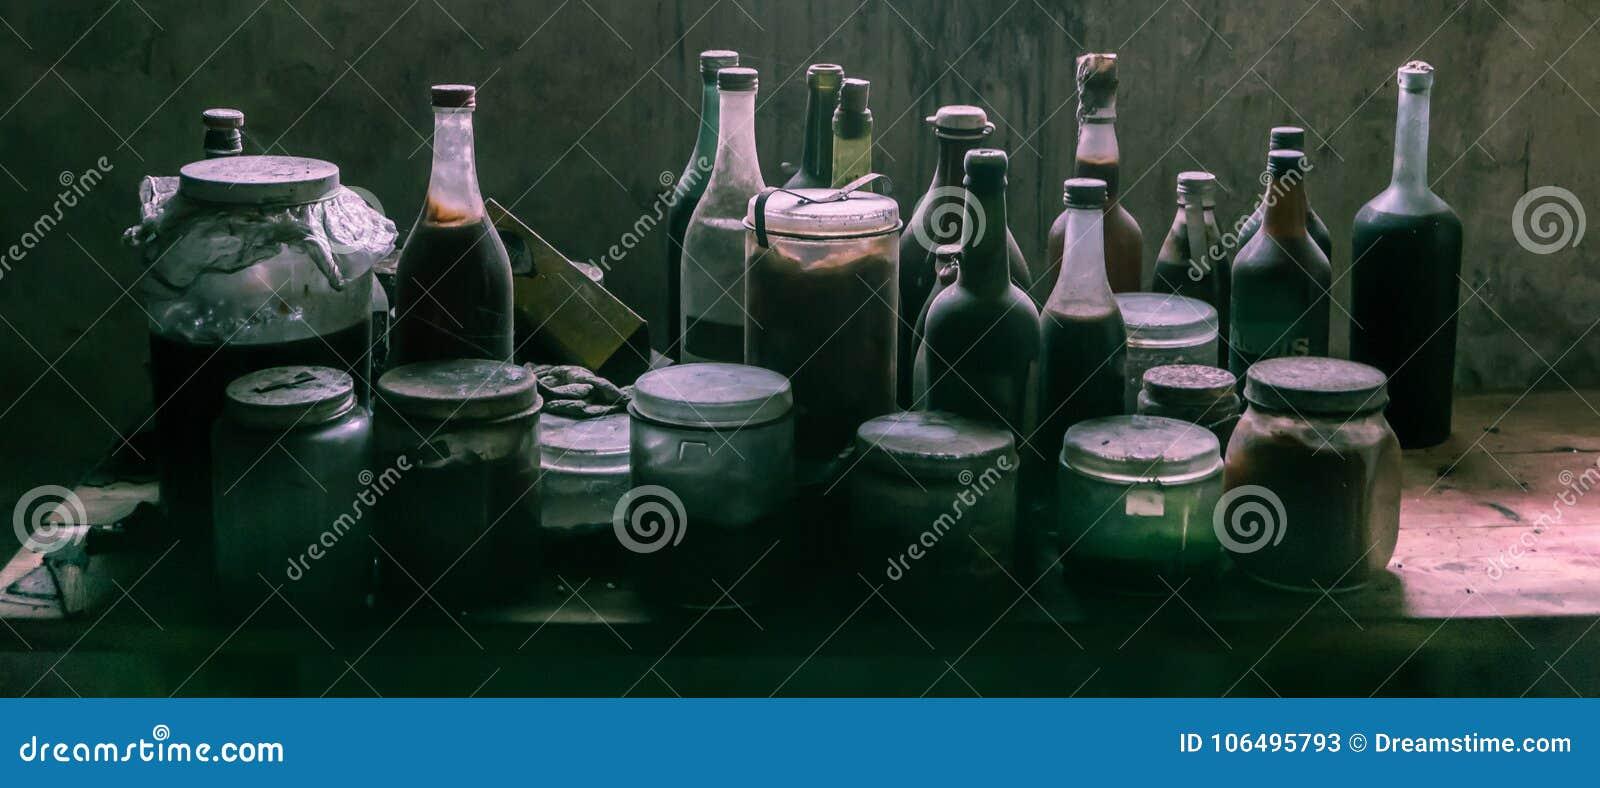 Σκονισμένα παλαιά μπουκάλια και δοχεία γυαλιού με το ύποπτο περιεχόμενο